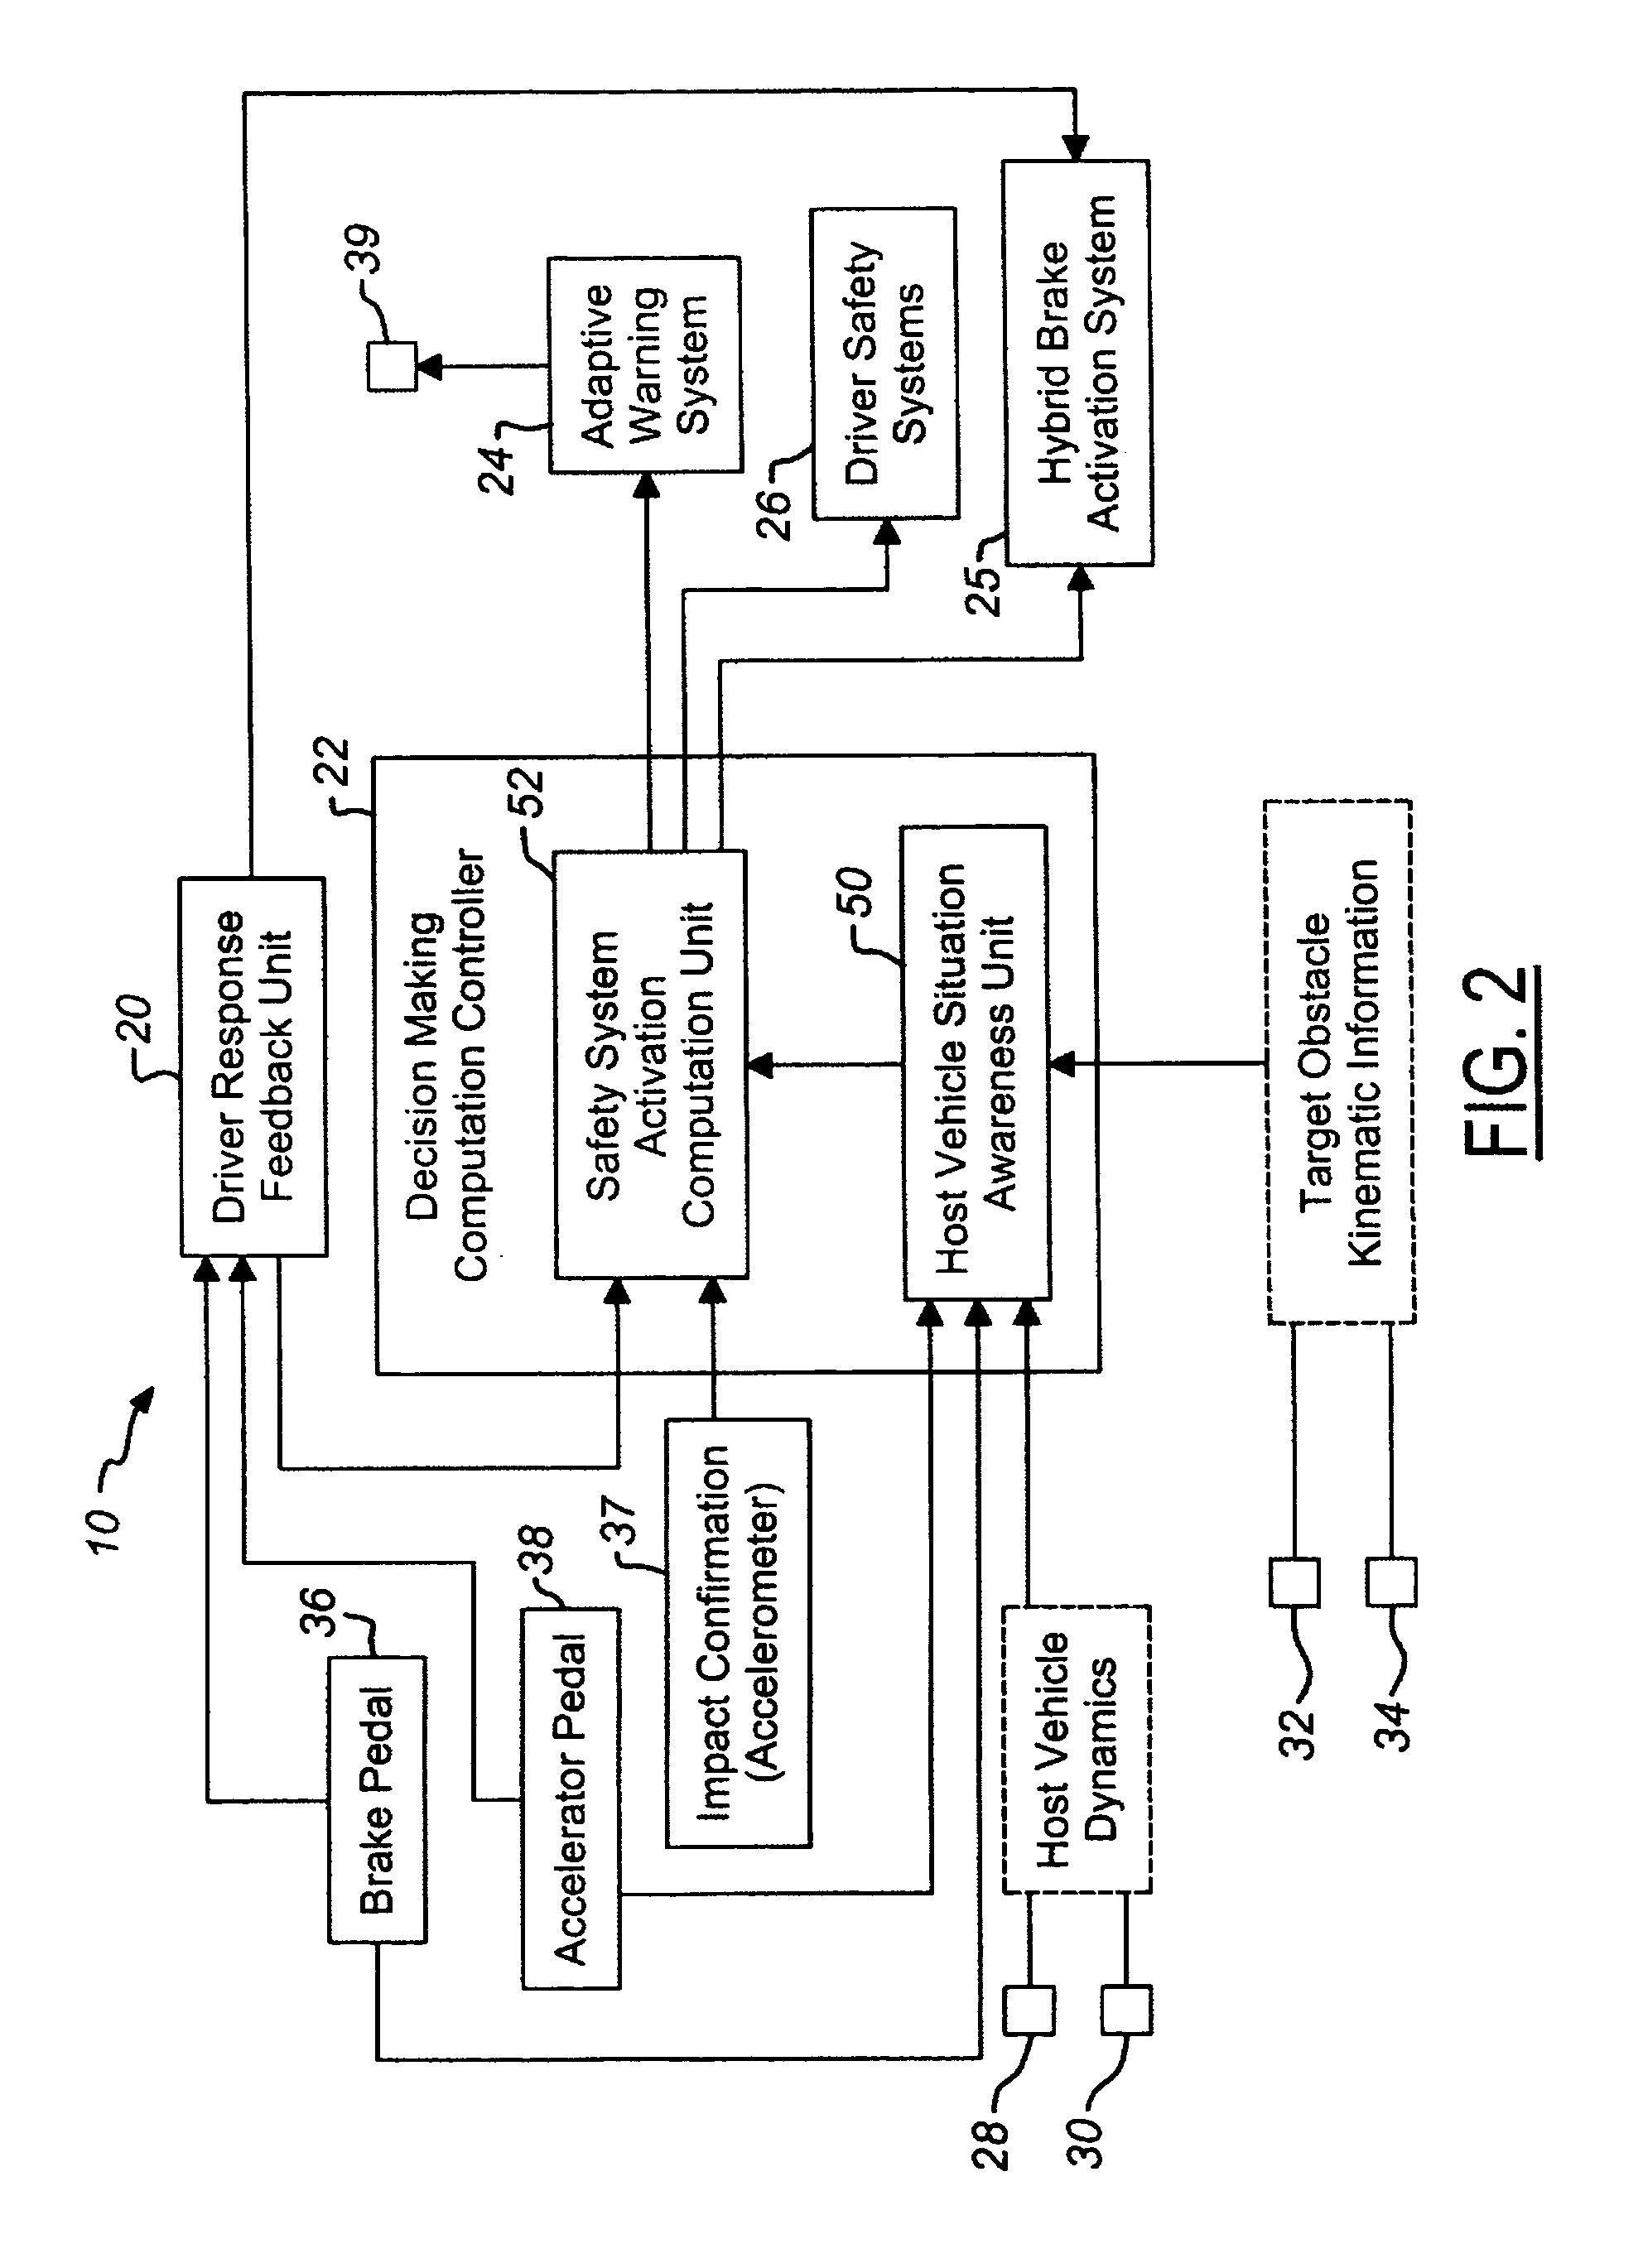 patent us7253724